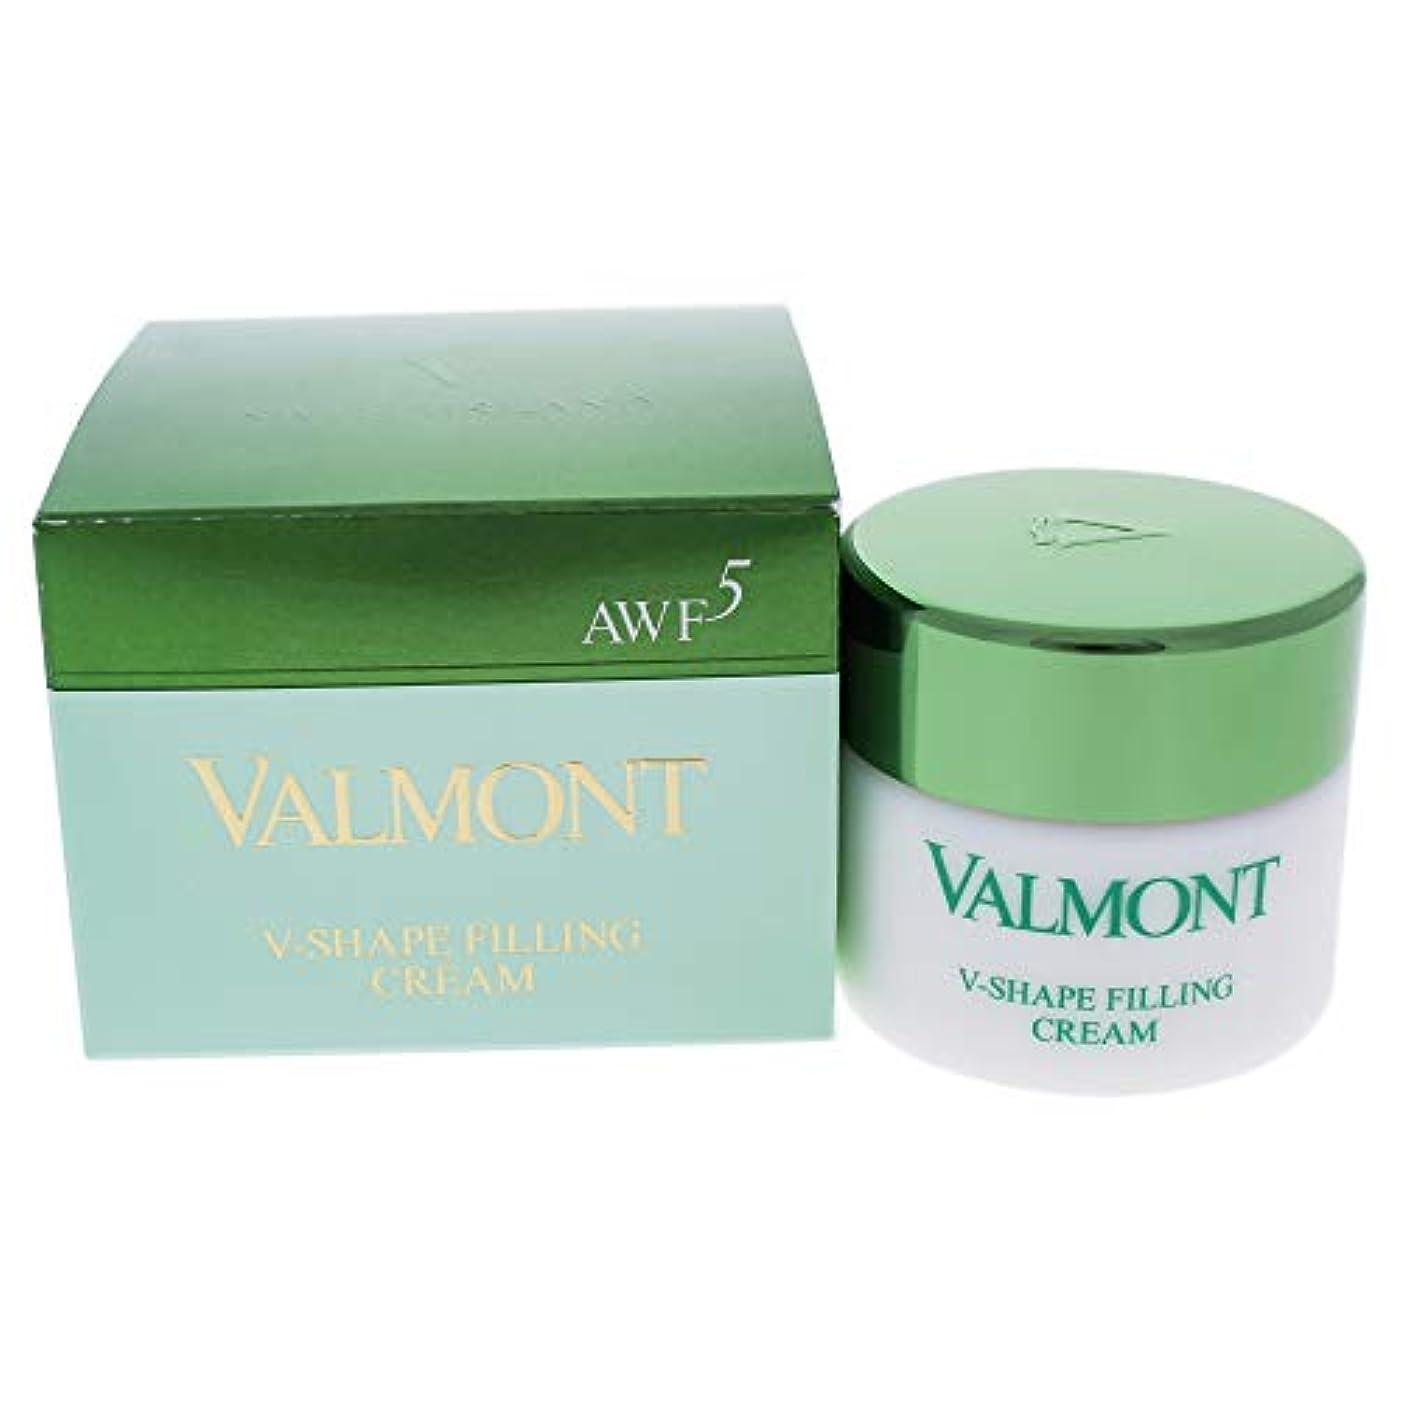 下線それにもかかわらずあいまいさヴァルモン AWF5 V-Shape Filling Cream 50ml/1.7oz並行輸入品